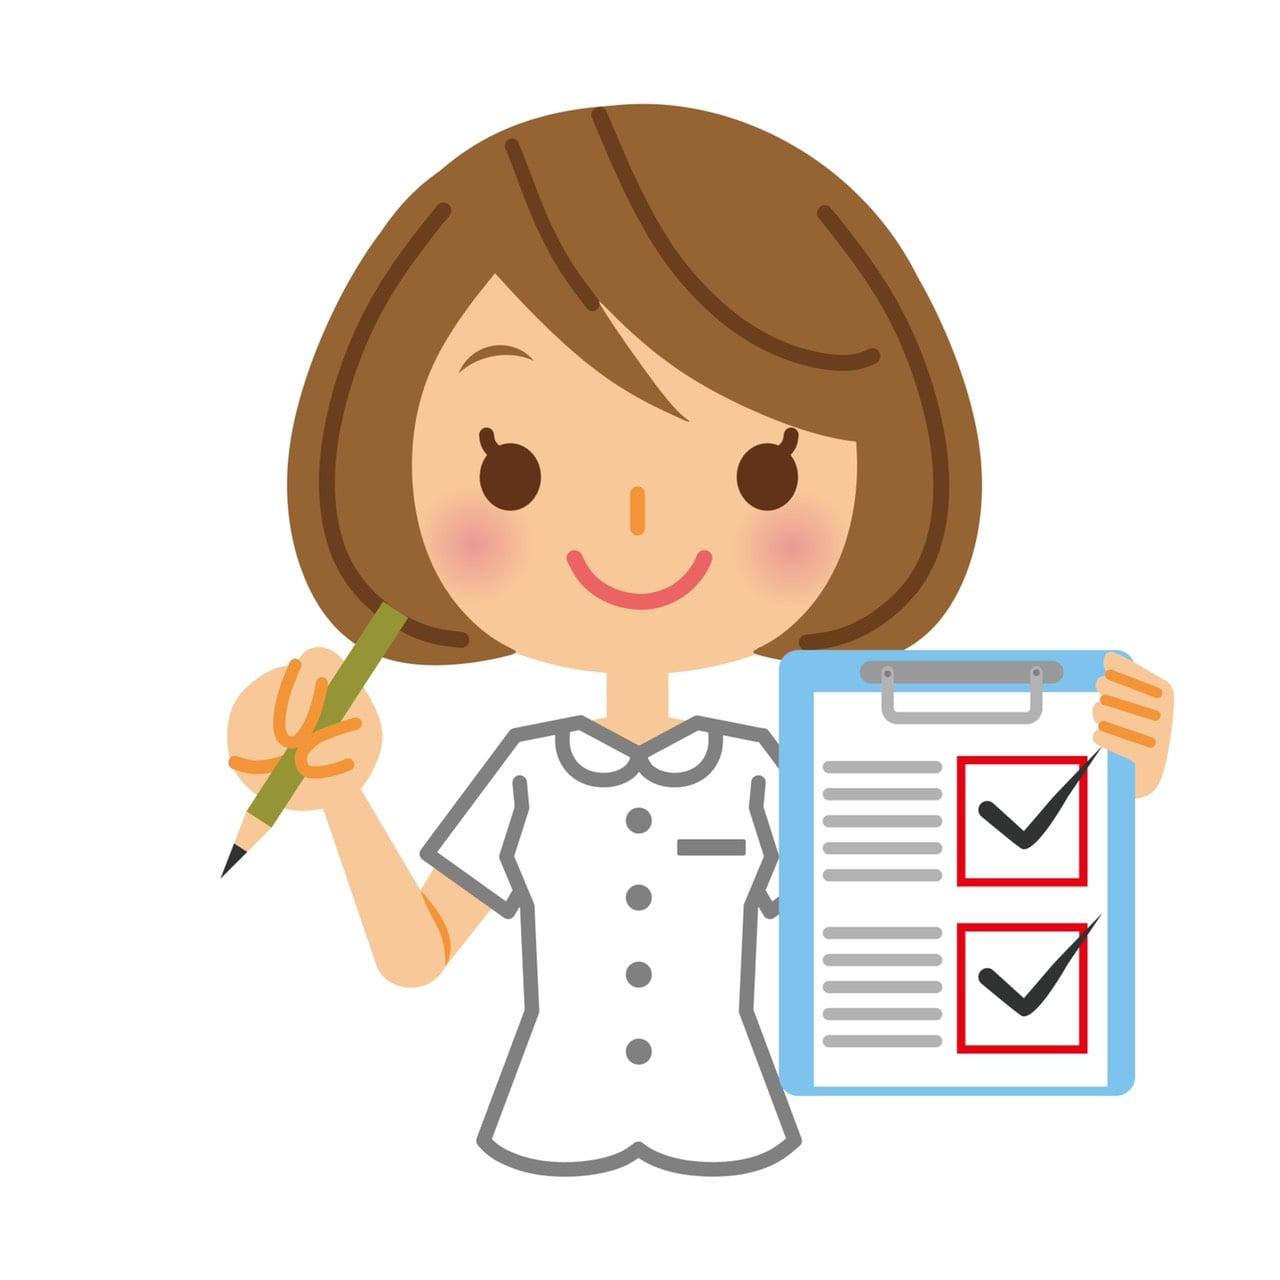 健康診断と食育マスターのイメージその1